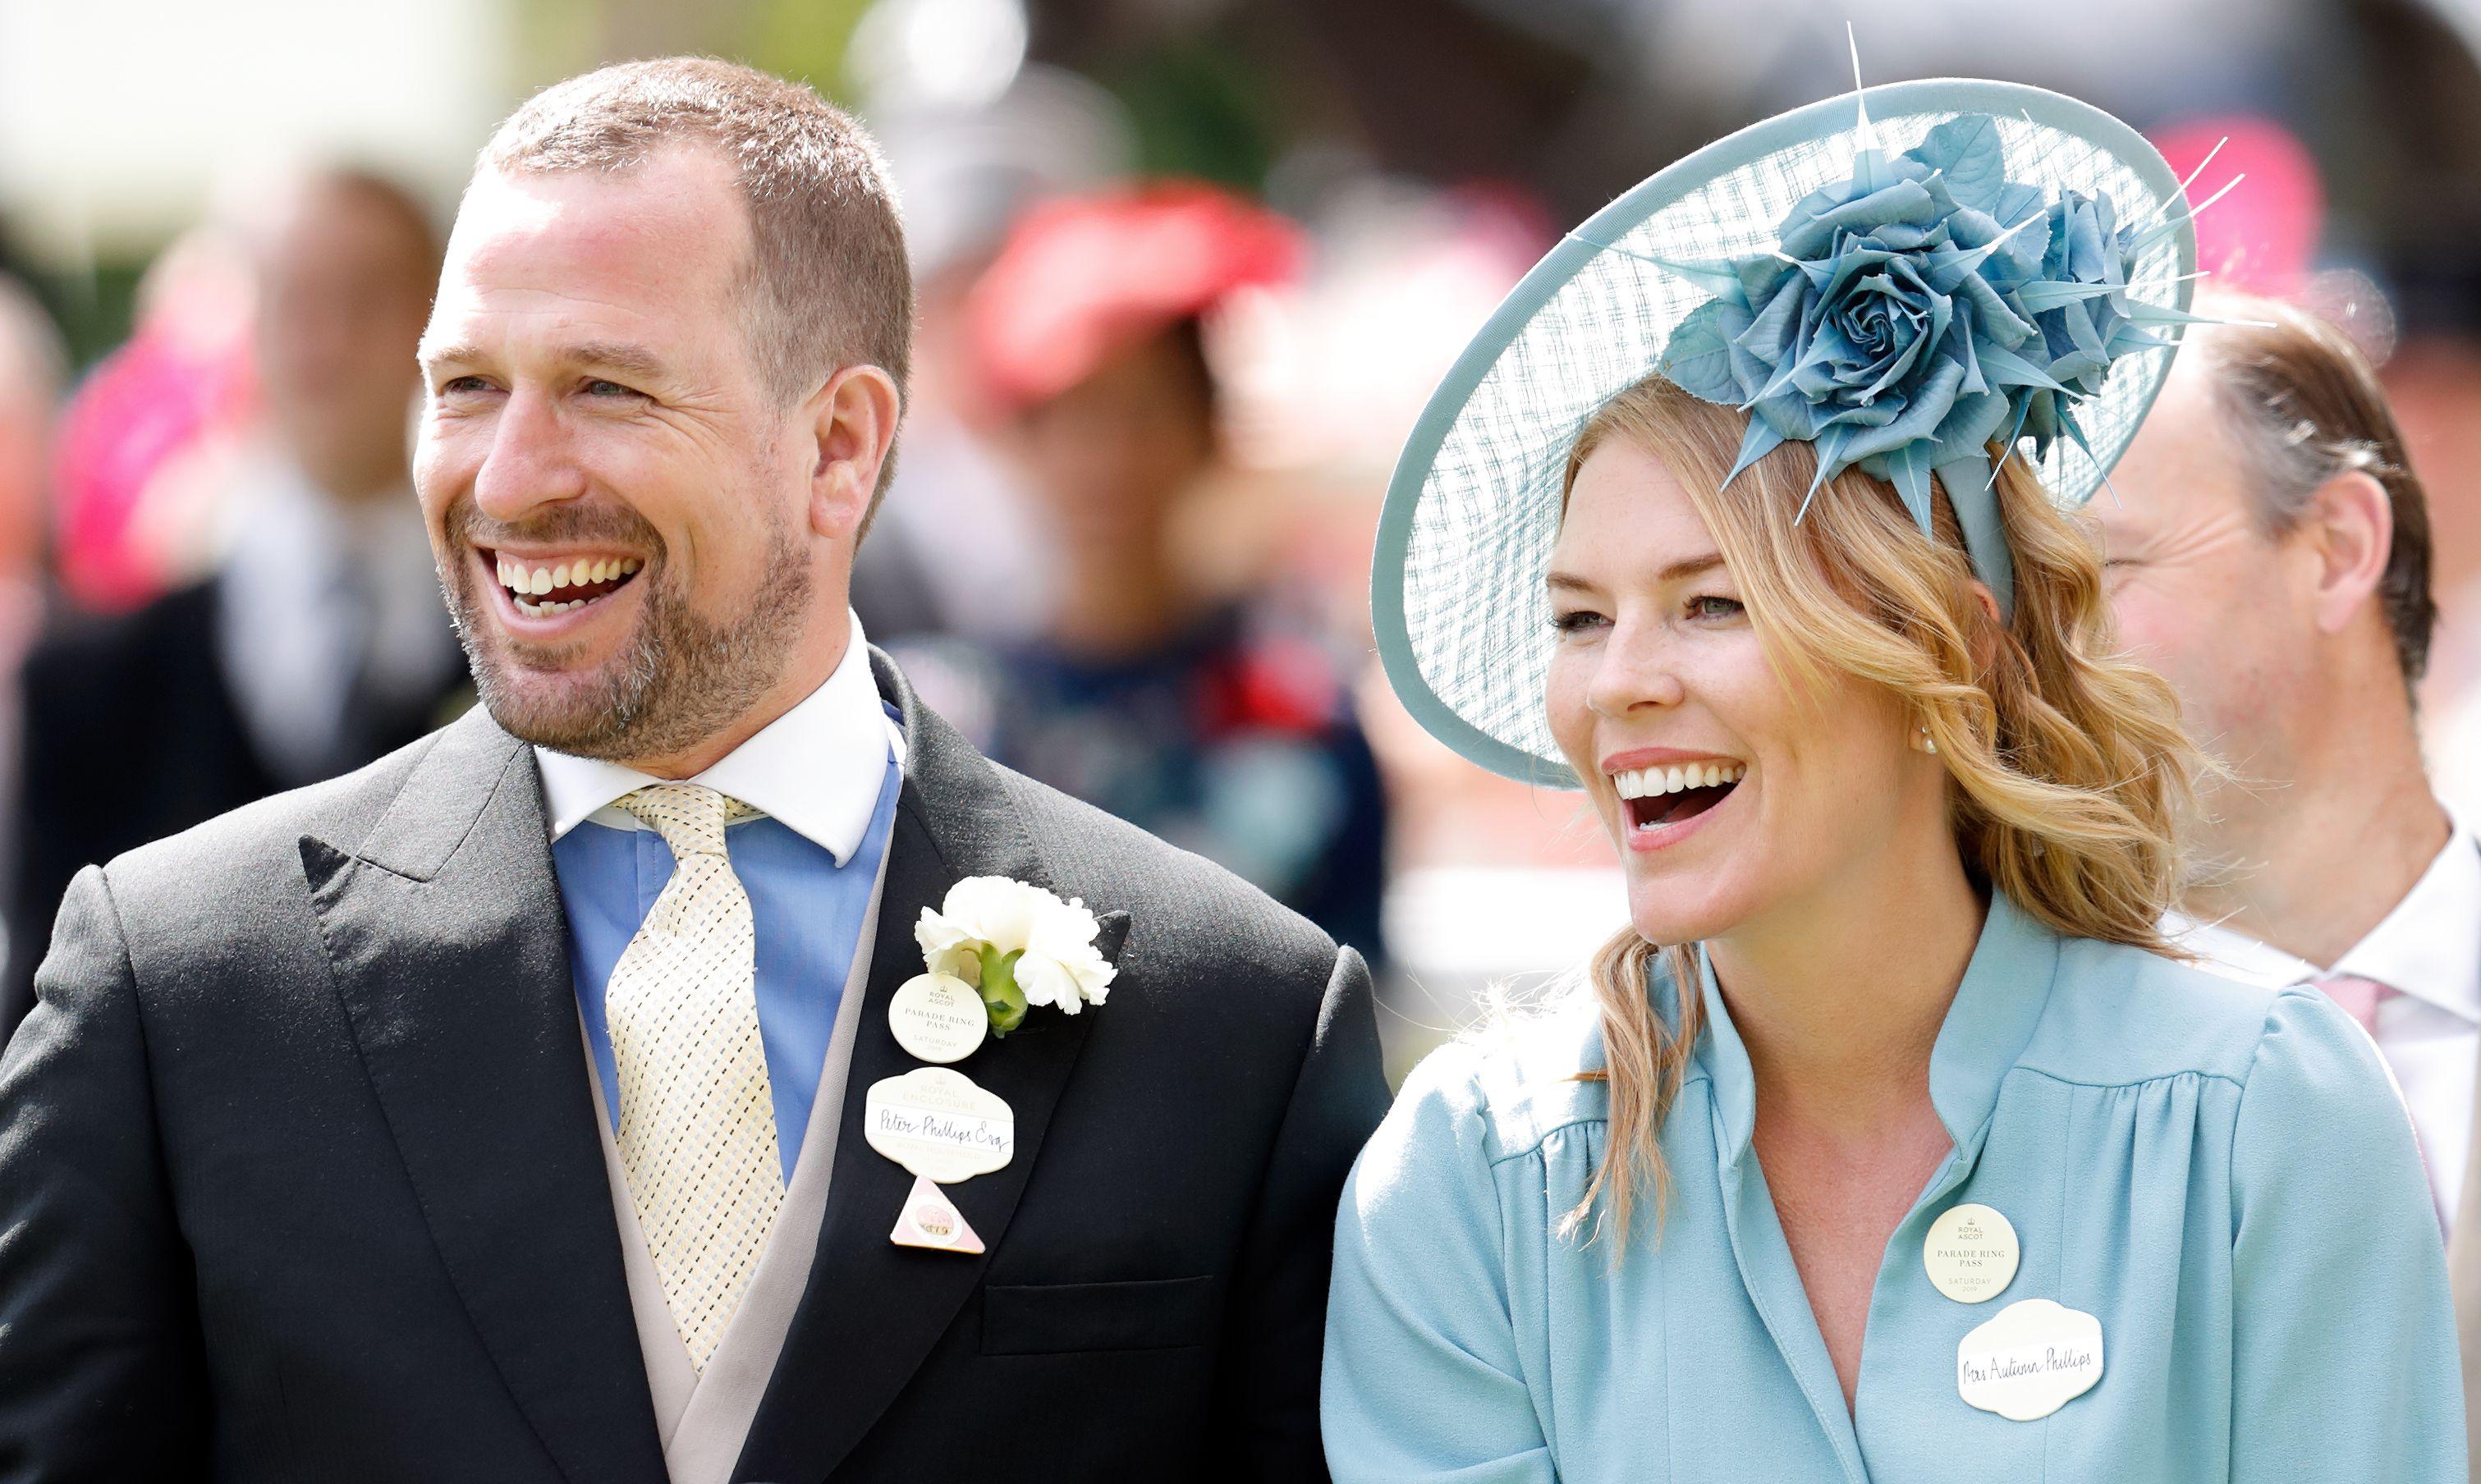 The Queen's eldest grandson's divorce details have been finalised